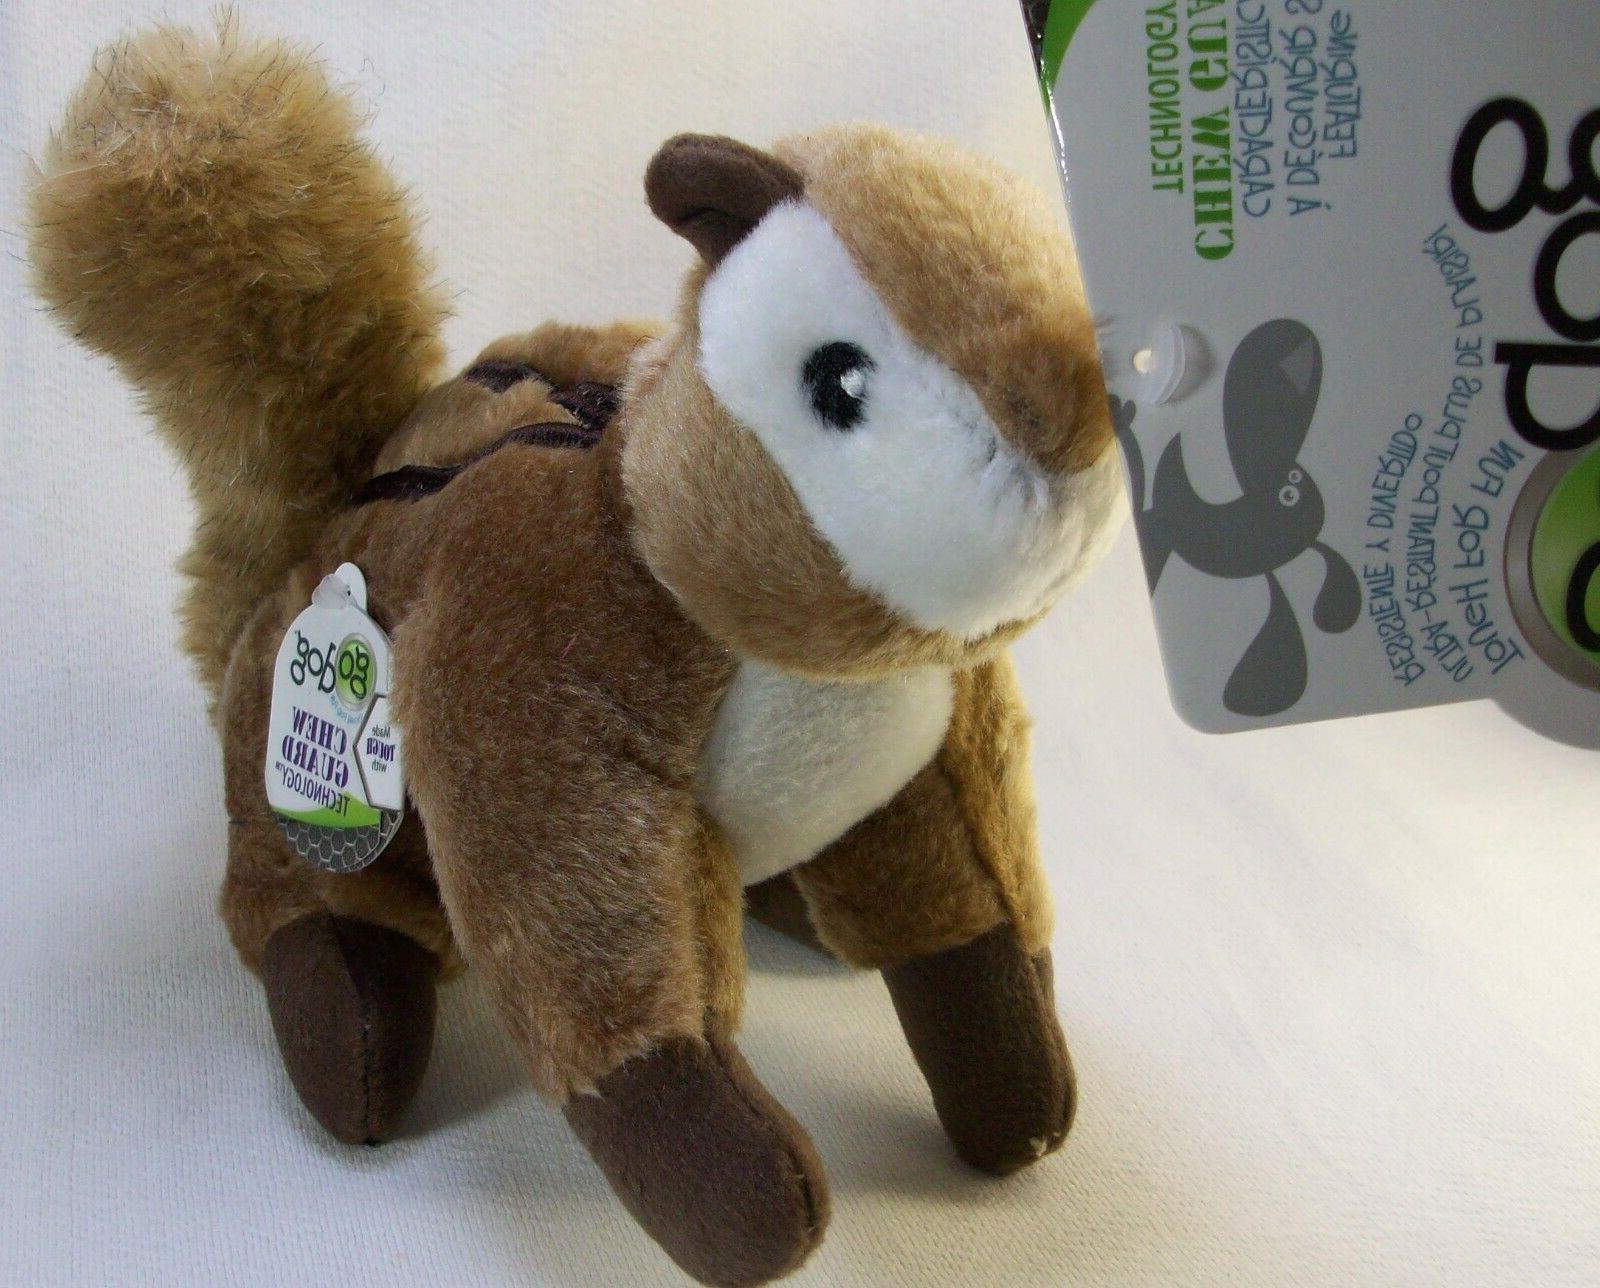 GoDog goDog Wildlife Dog Toy Dog Toy Brand